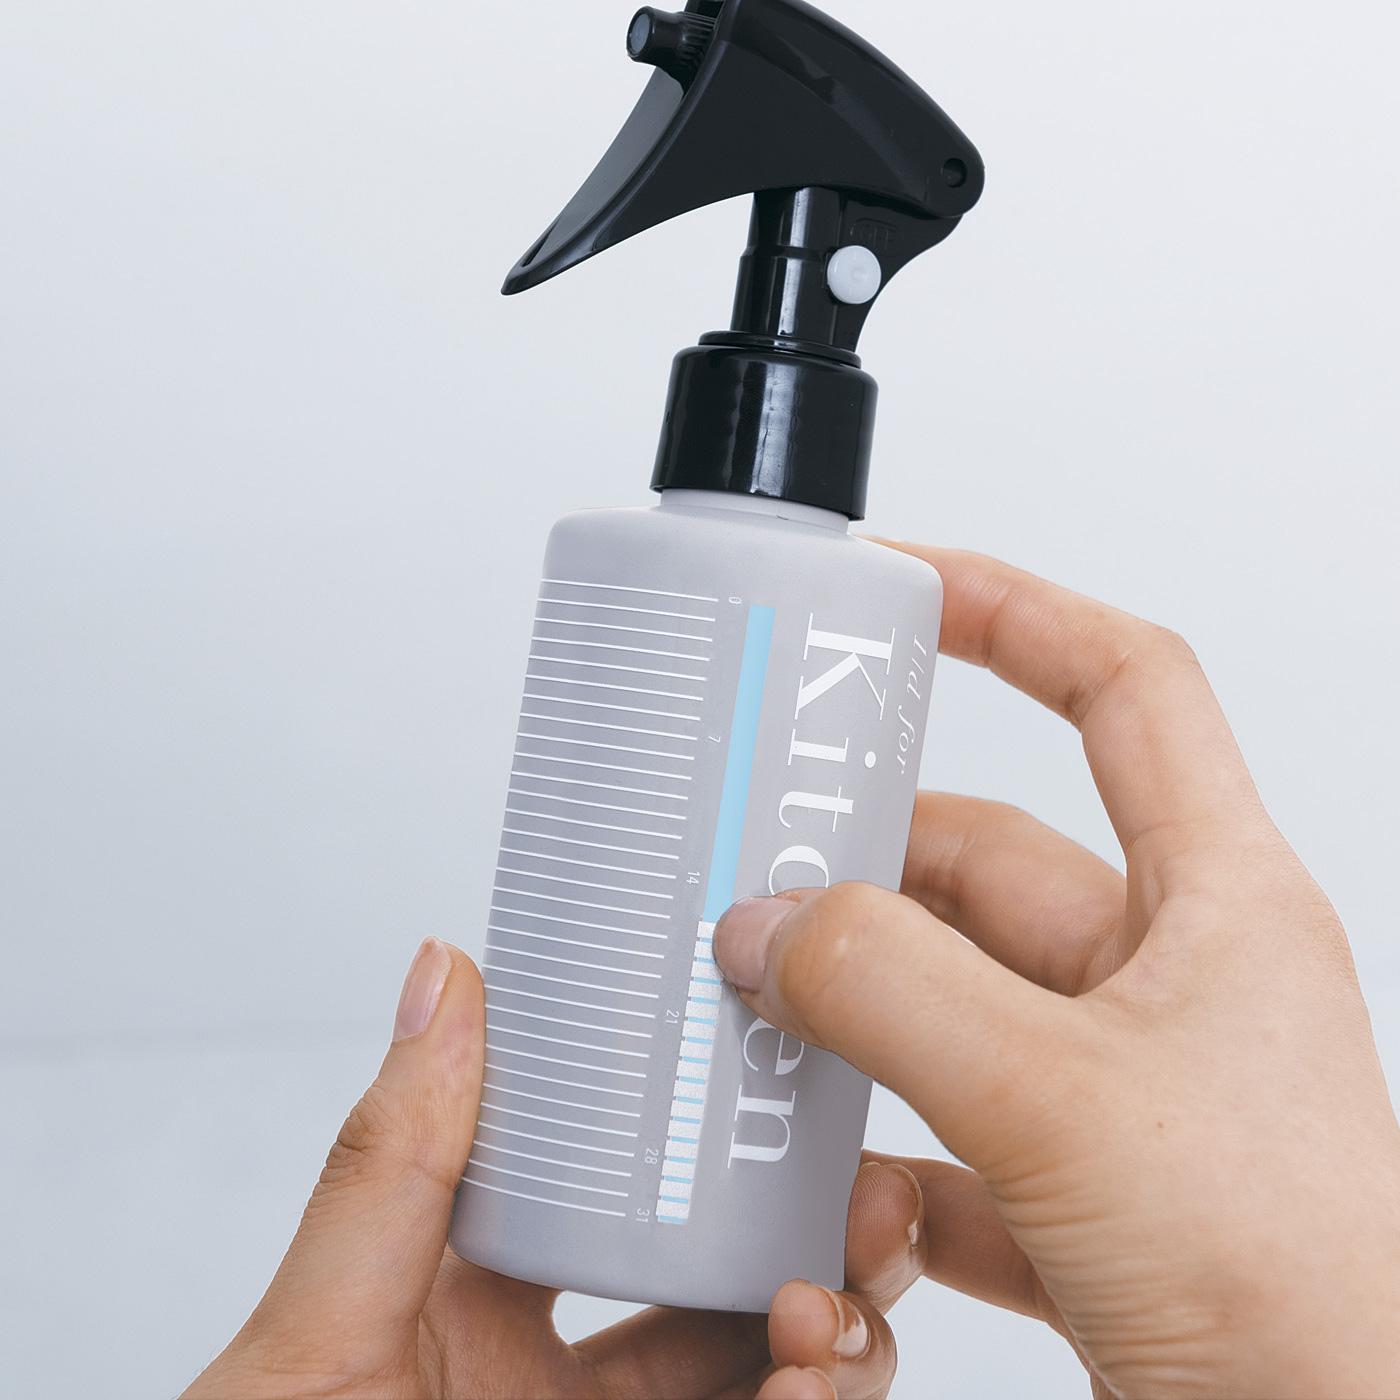 掃除をするごとに、ボトルの目盛りをつめで削ると色が見える仕掛け。1ヵ月分の目盛りで、お掃除習慣のモチベーションを高めてくれます。